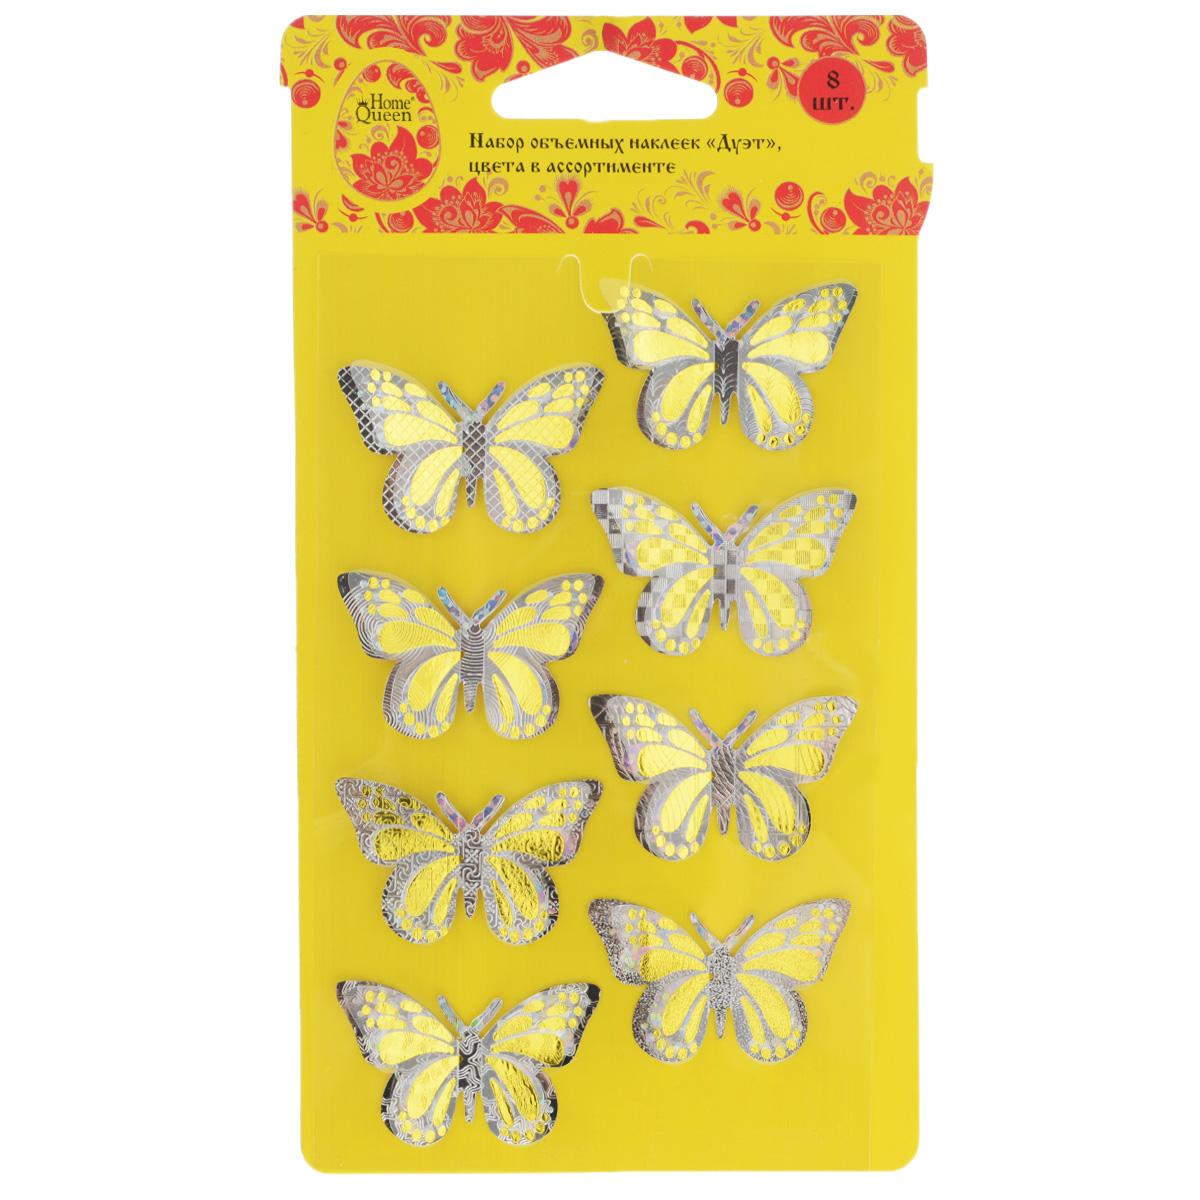 """Набор объемных наклеек Home Queen """"Дуэт"""", цвет: серебристый, золотистый, 8 шт"""